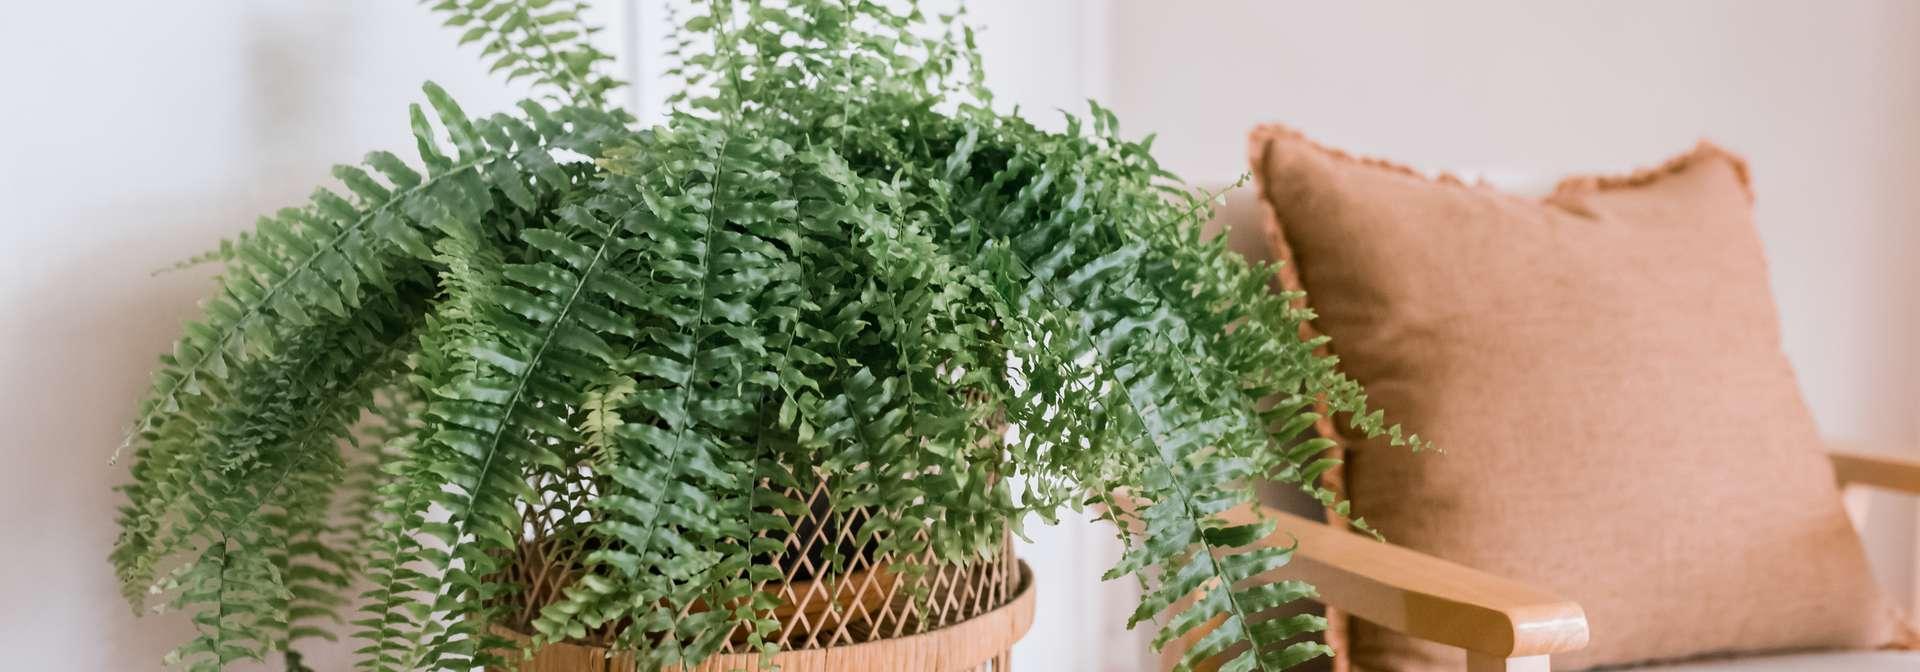 styled fern